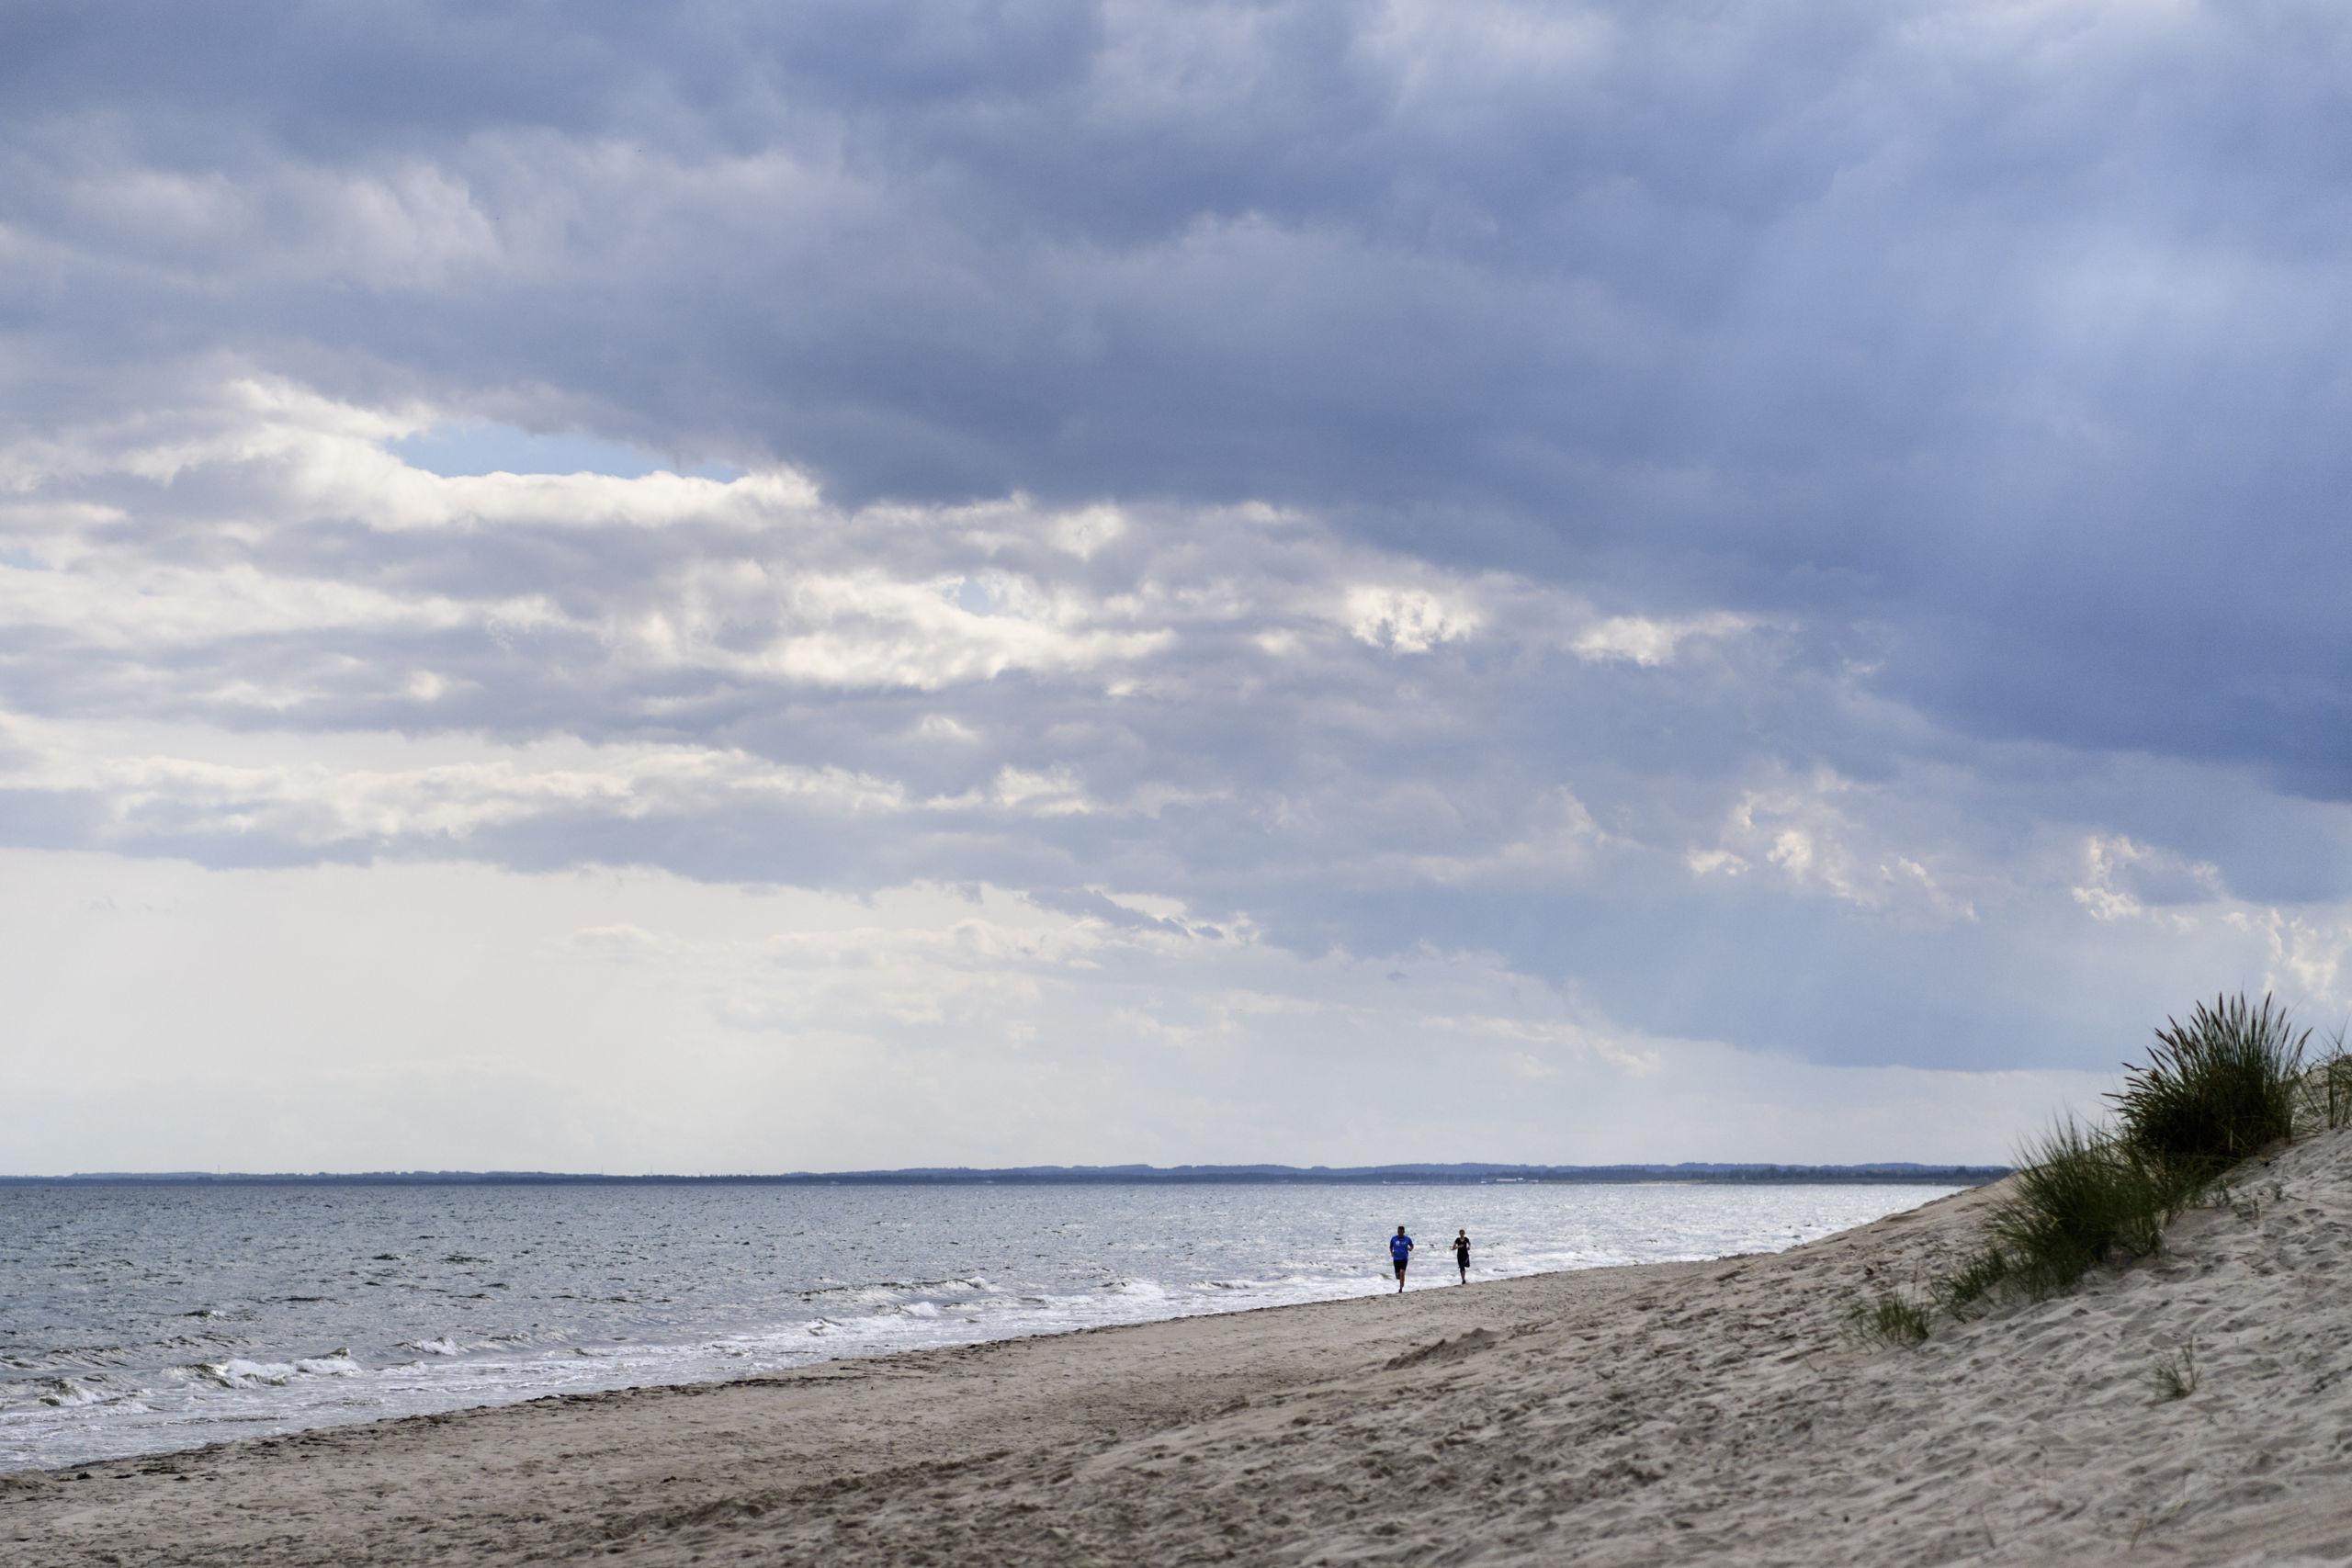 vejret nordjylland 14 dage frem